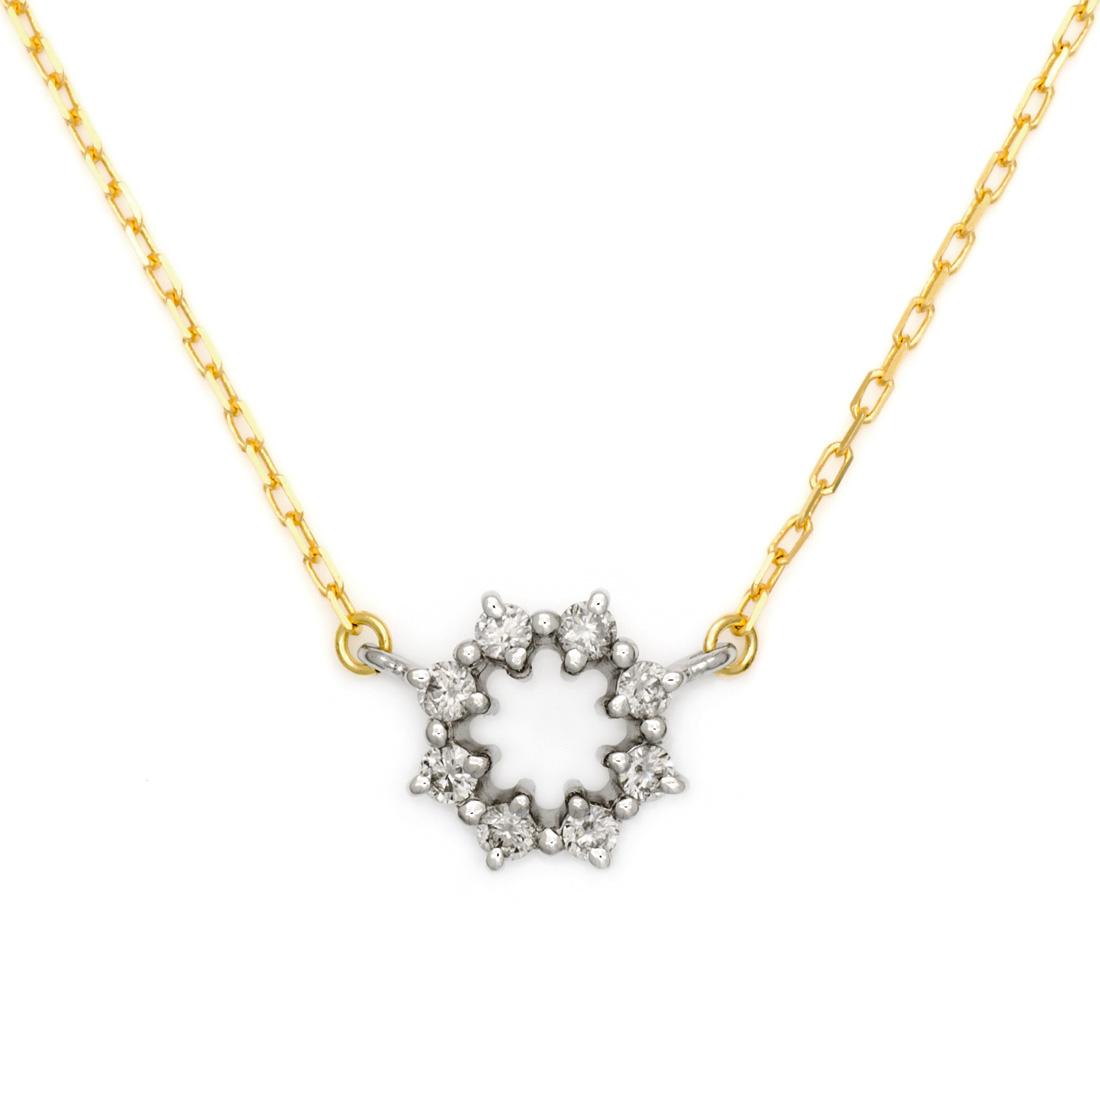 【GWクーポン配布中】ネックレス ダイヤモンド 「Crystal」 プラチナ900 ゴールド K18 コンビネーション アズキチェーン 送料無料